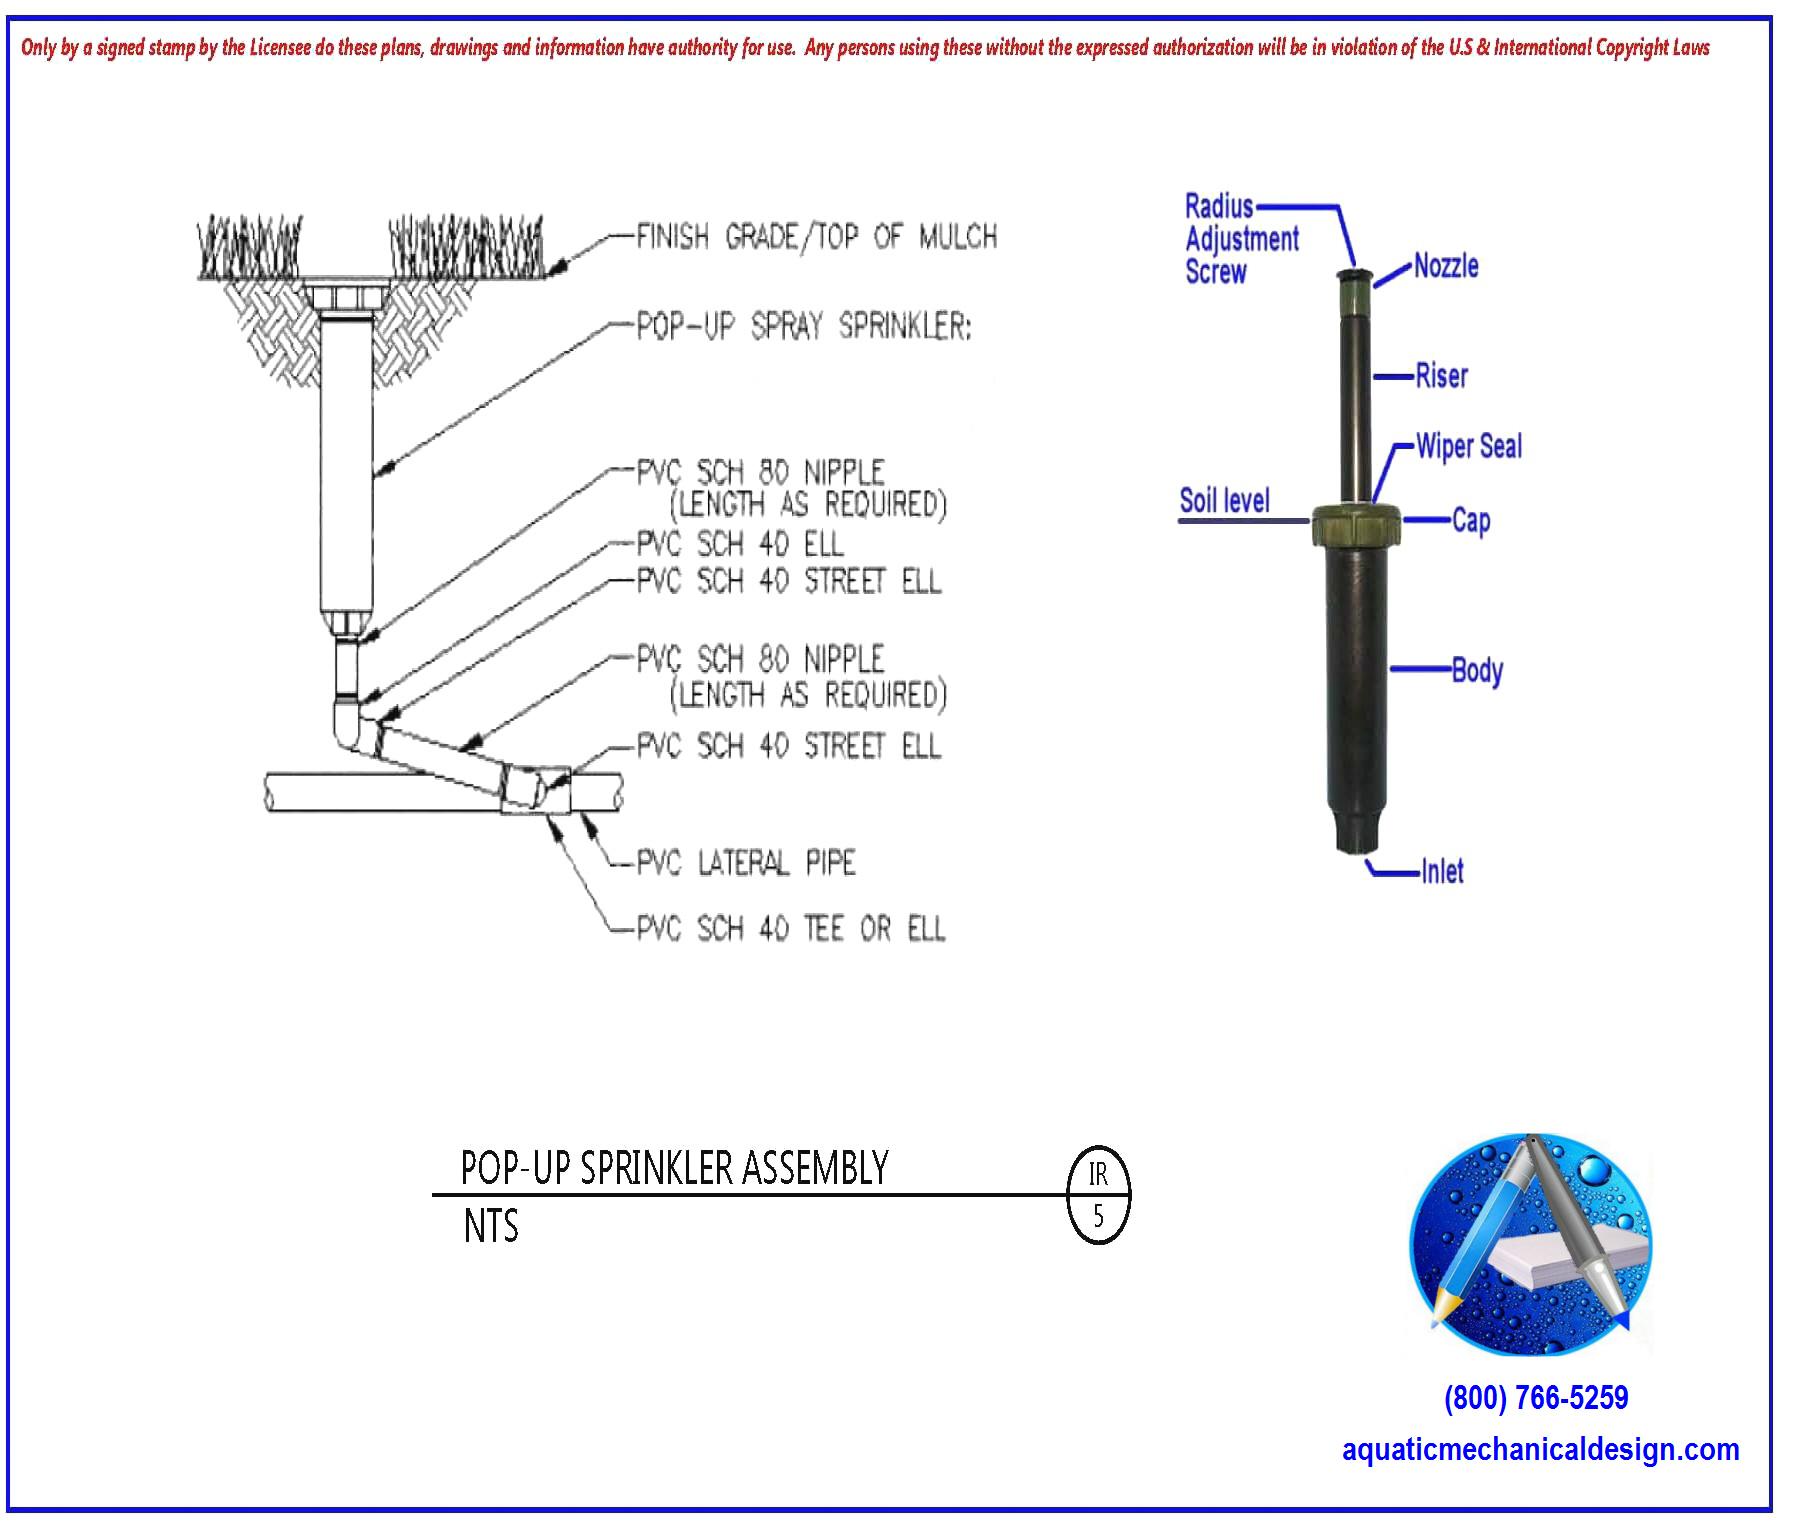 hight resolution of sample pop up sprinkler detail